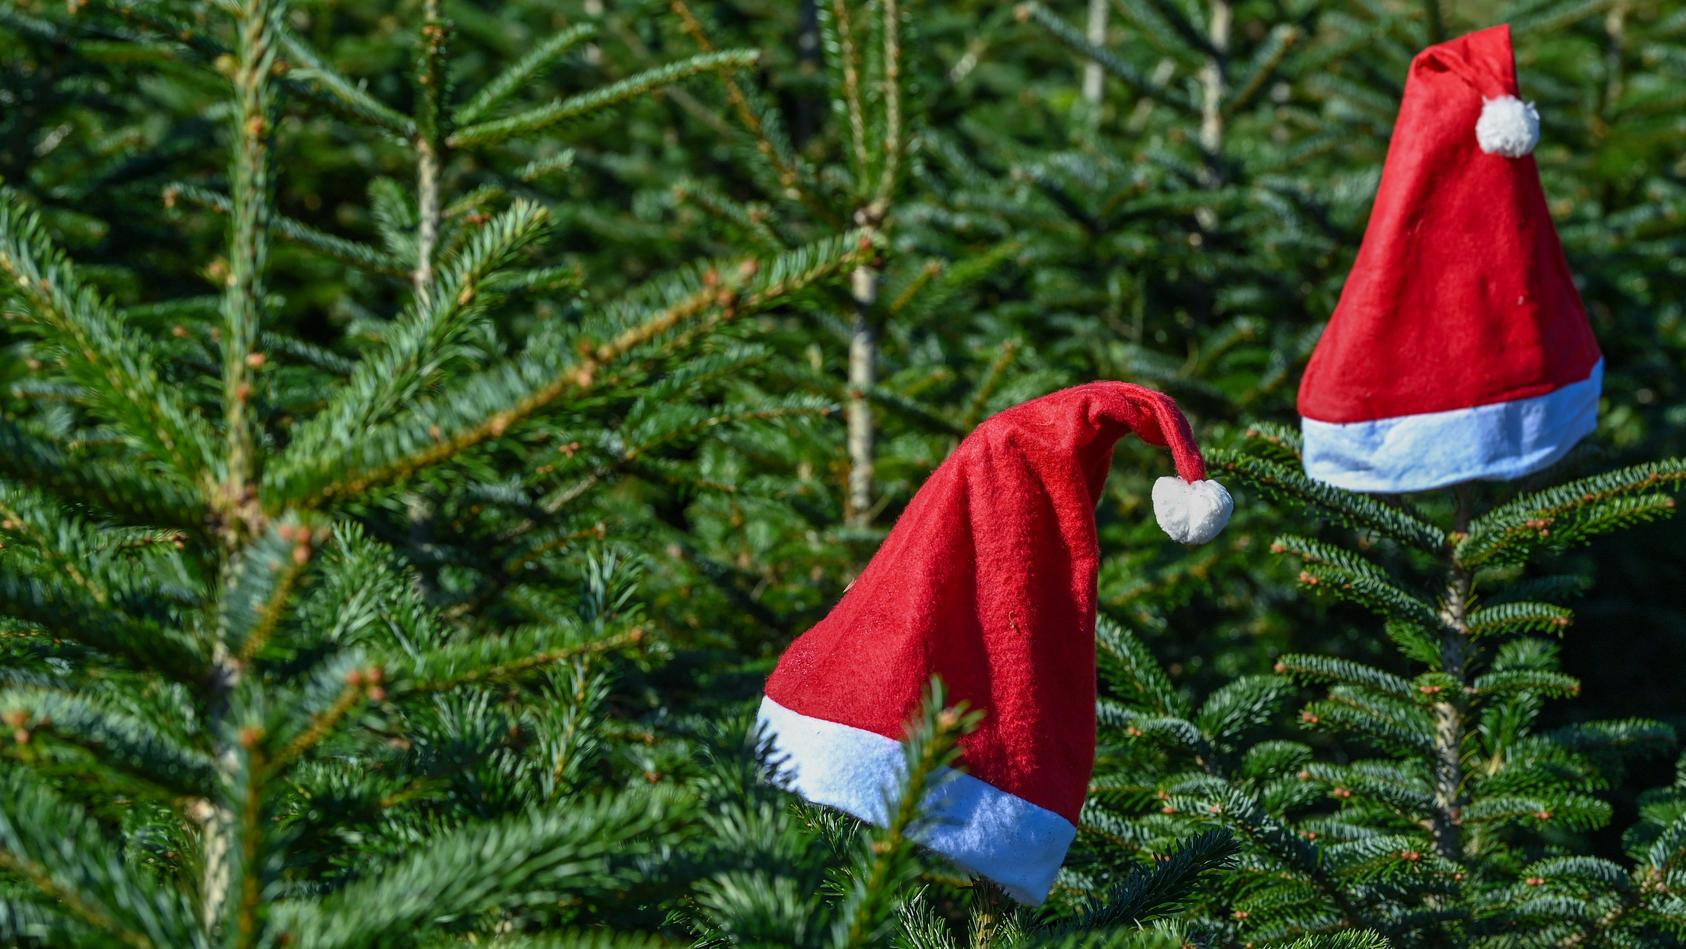 erste-markische-weihnachtsbaume-werden-fur-das-kommende-weihnachtsfest-schon-geschlagen